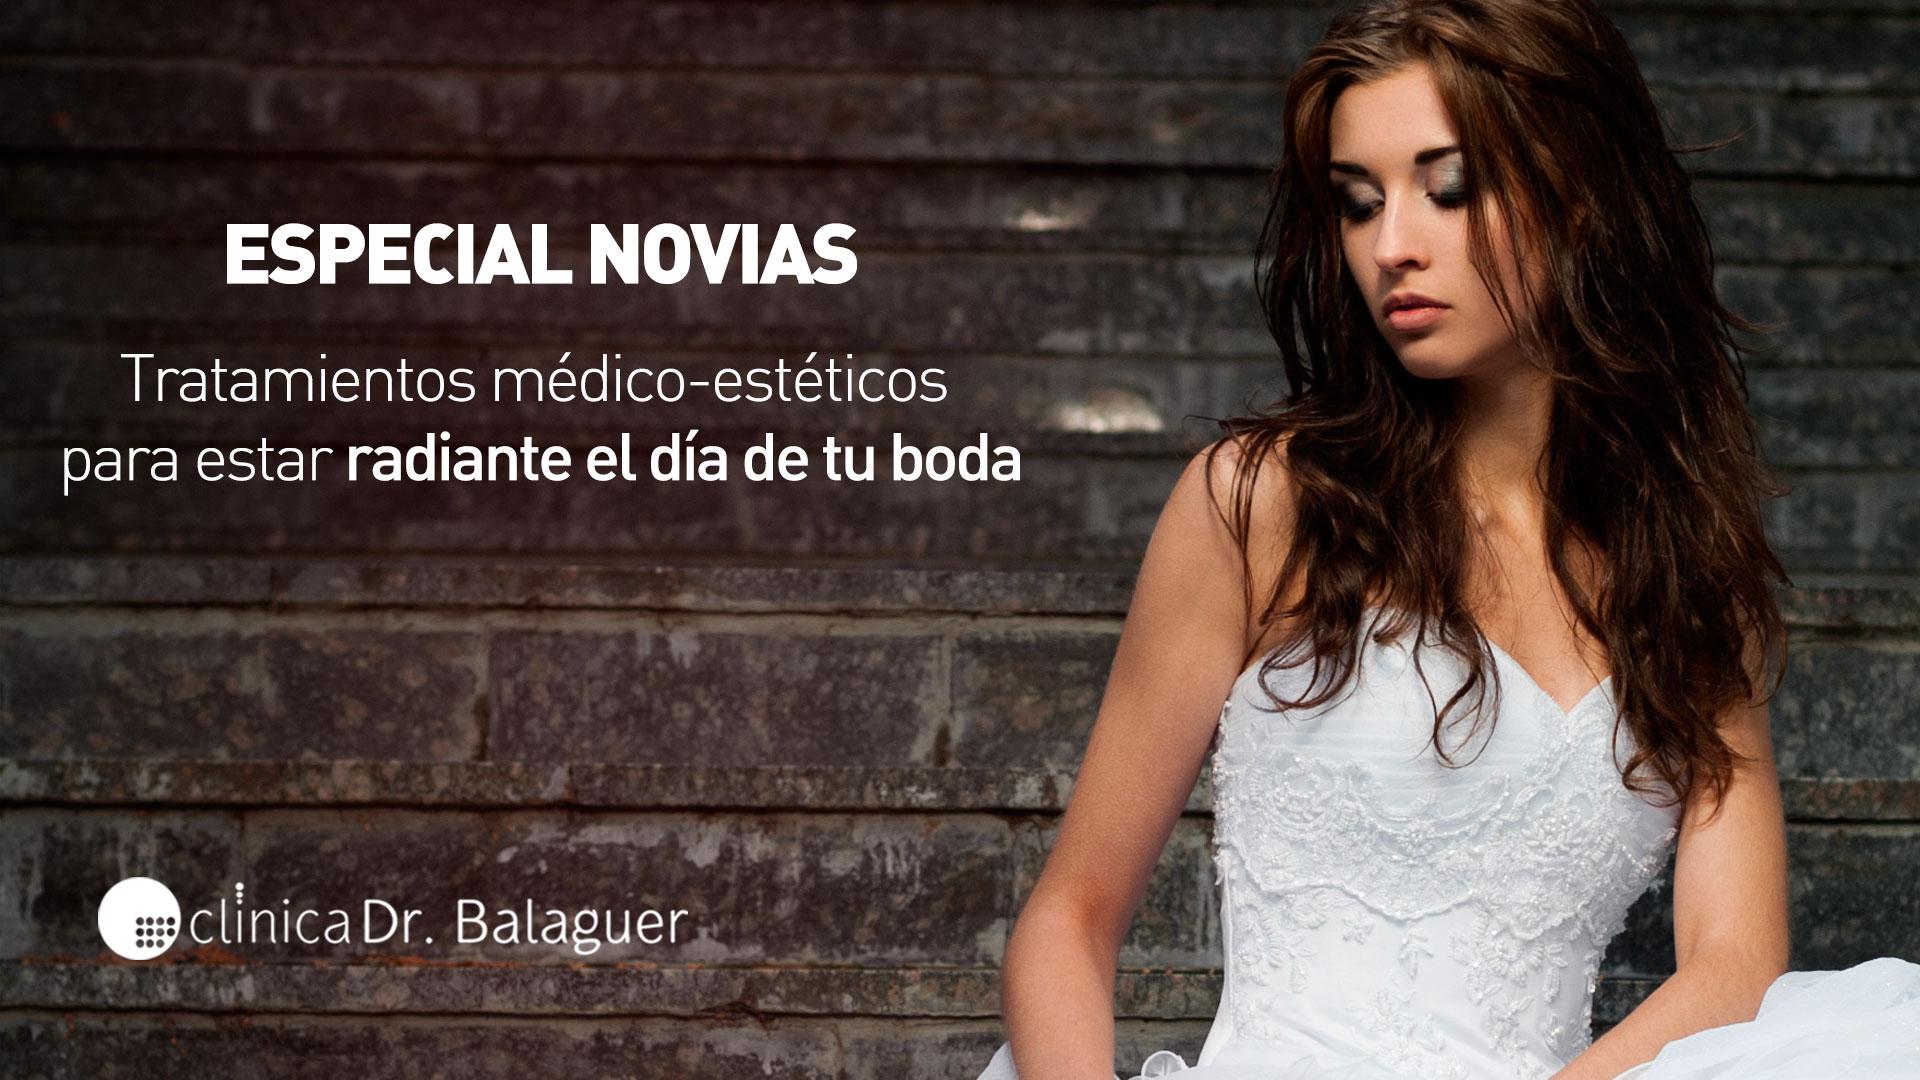 Especial novias, tratamientos médicos-estéticos